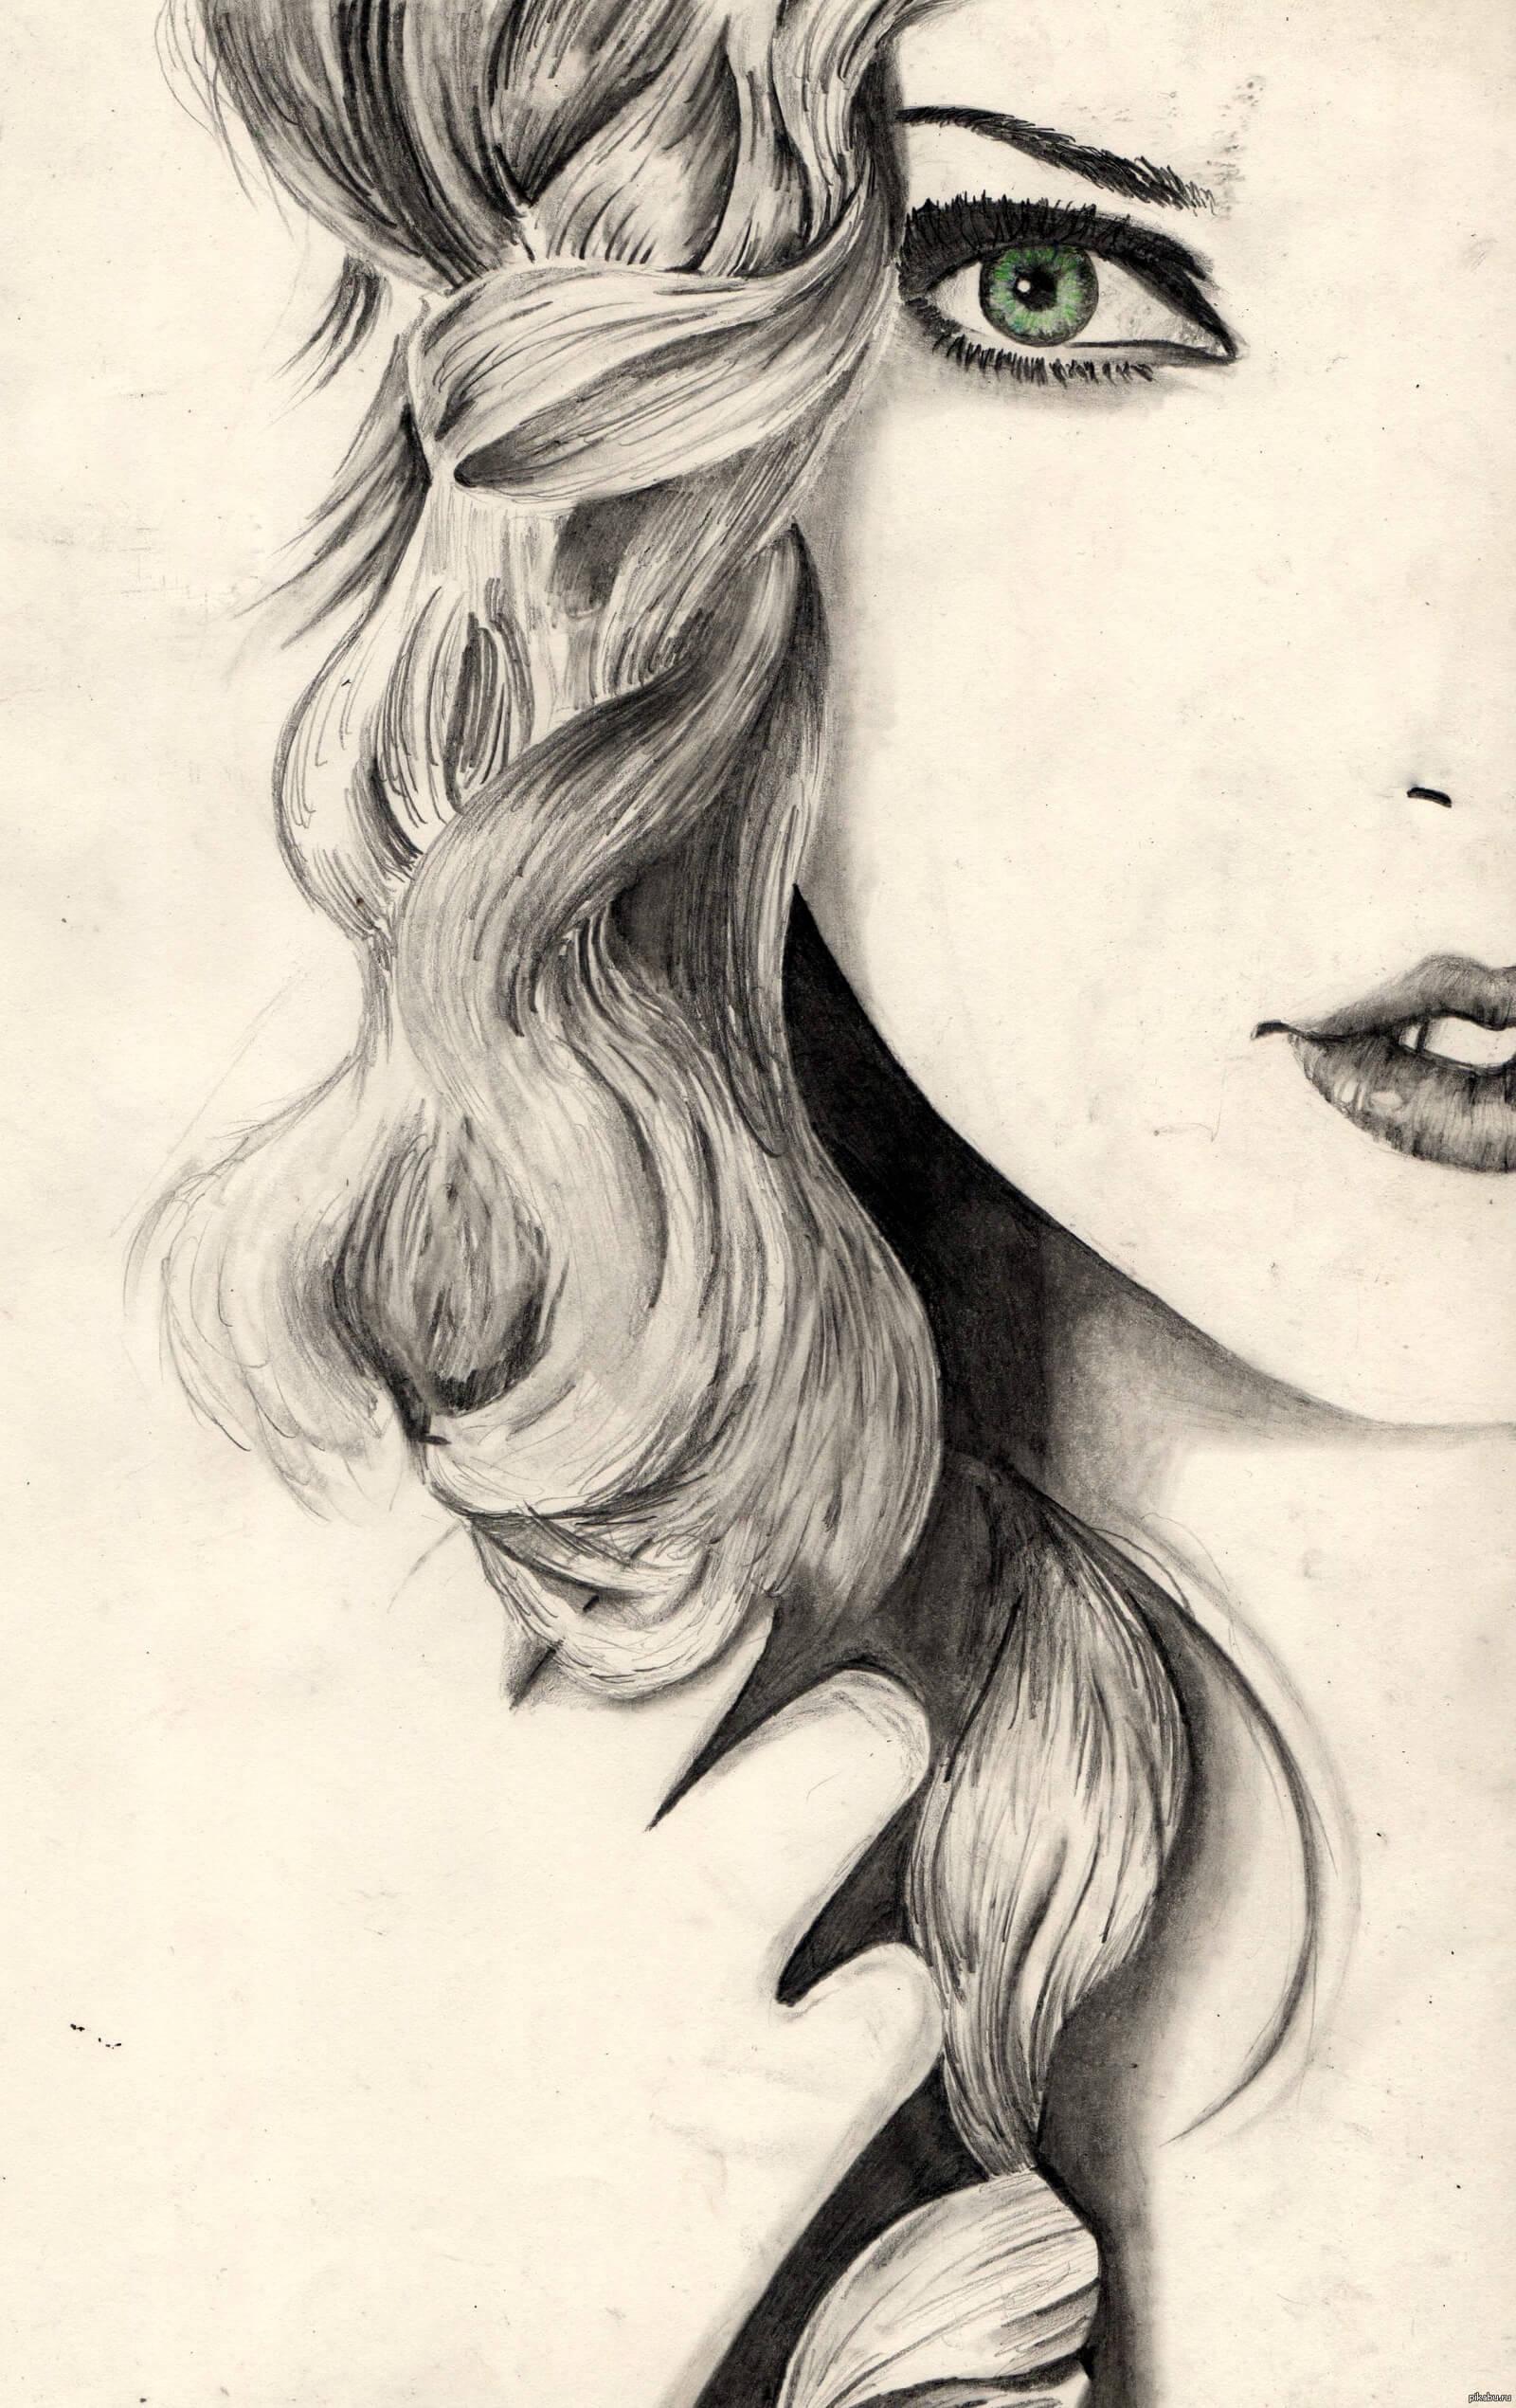 Красивые картинки карандашом девушек и девочек - подборка 5